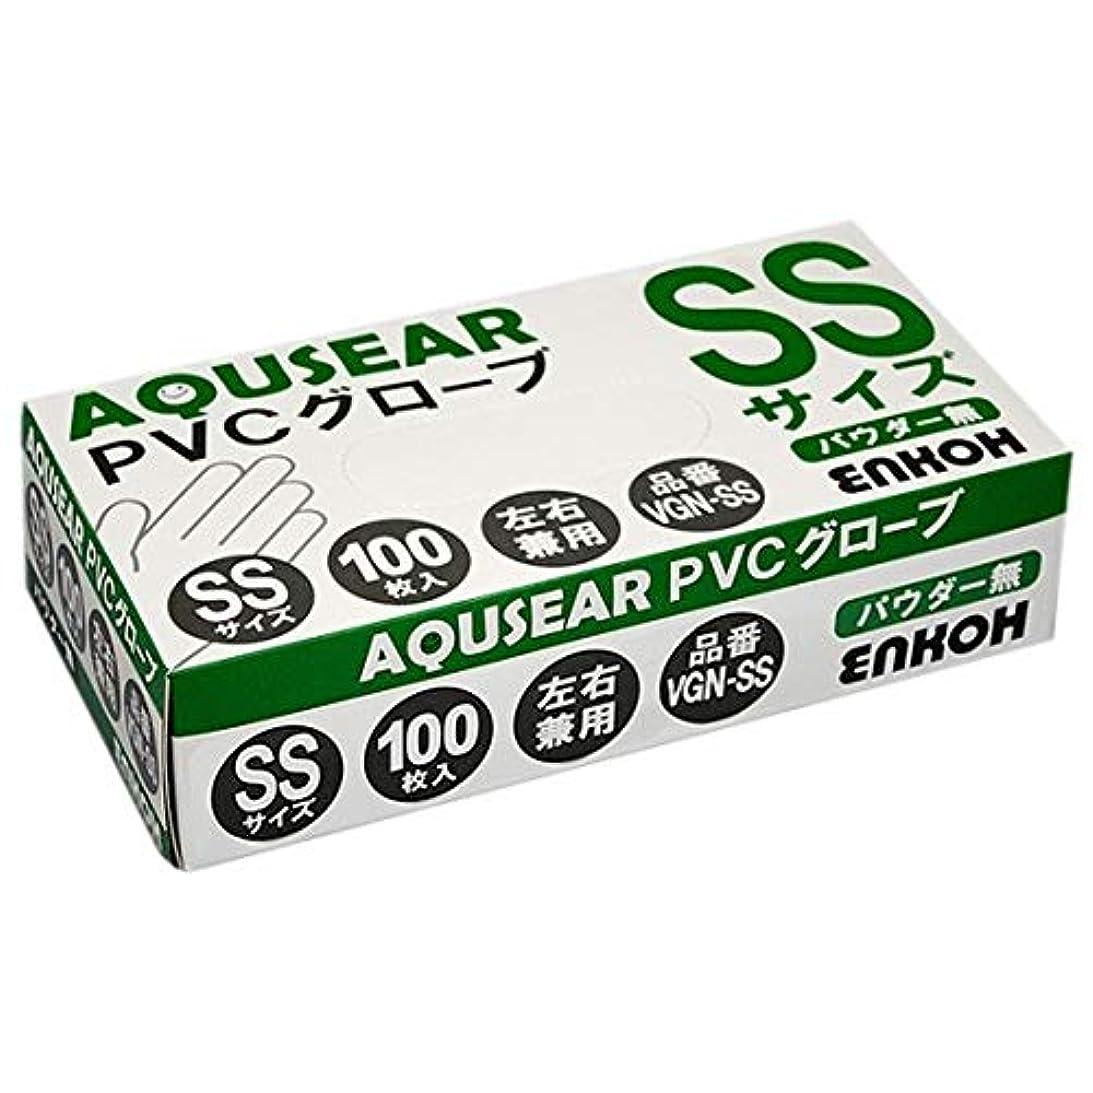 フィールド差し引く市民AQUSEAR PVC プラスチックグローブ SSサイズ パウダー無 VGN-SS 100枚×20箱